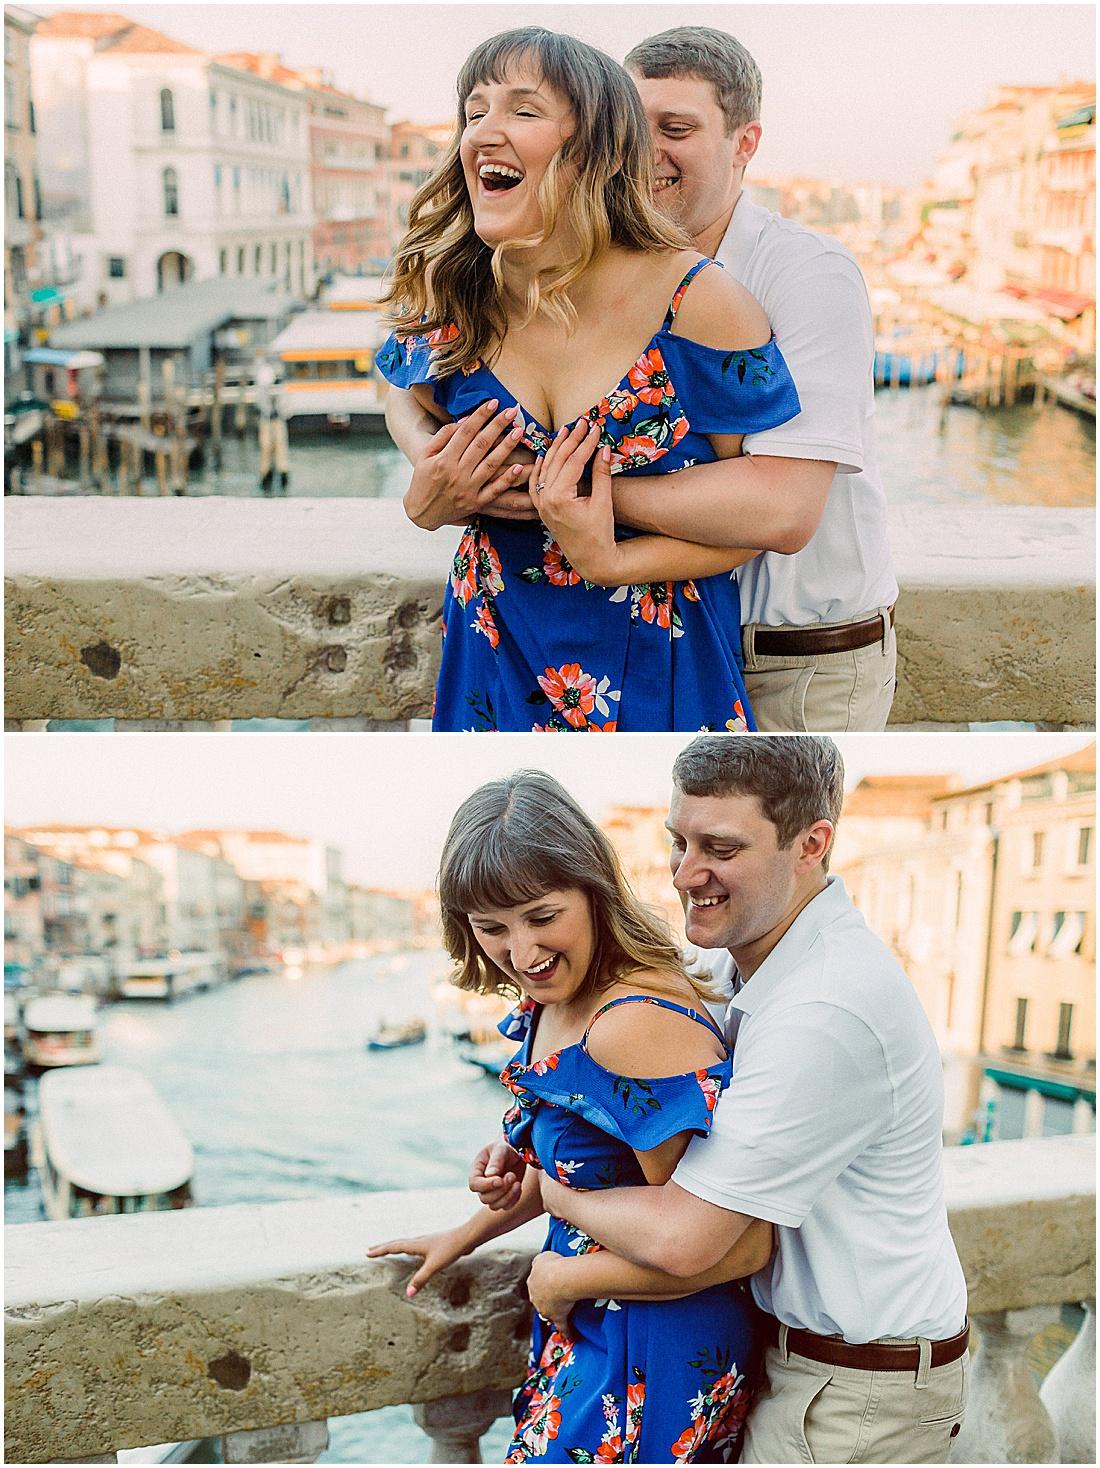 wedding-photographer-venice-gondola-sunset-stefano-degirmenci_0429.jpg